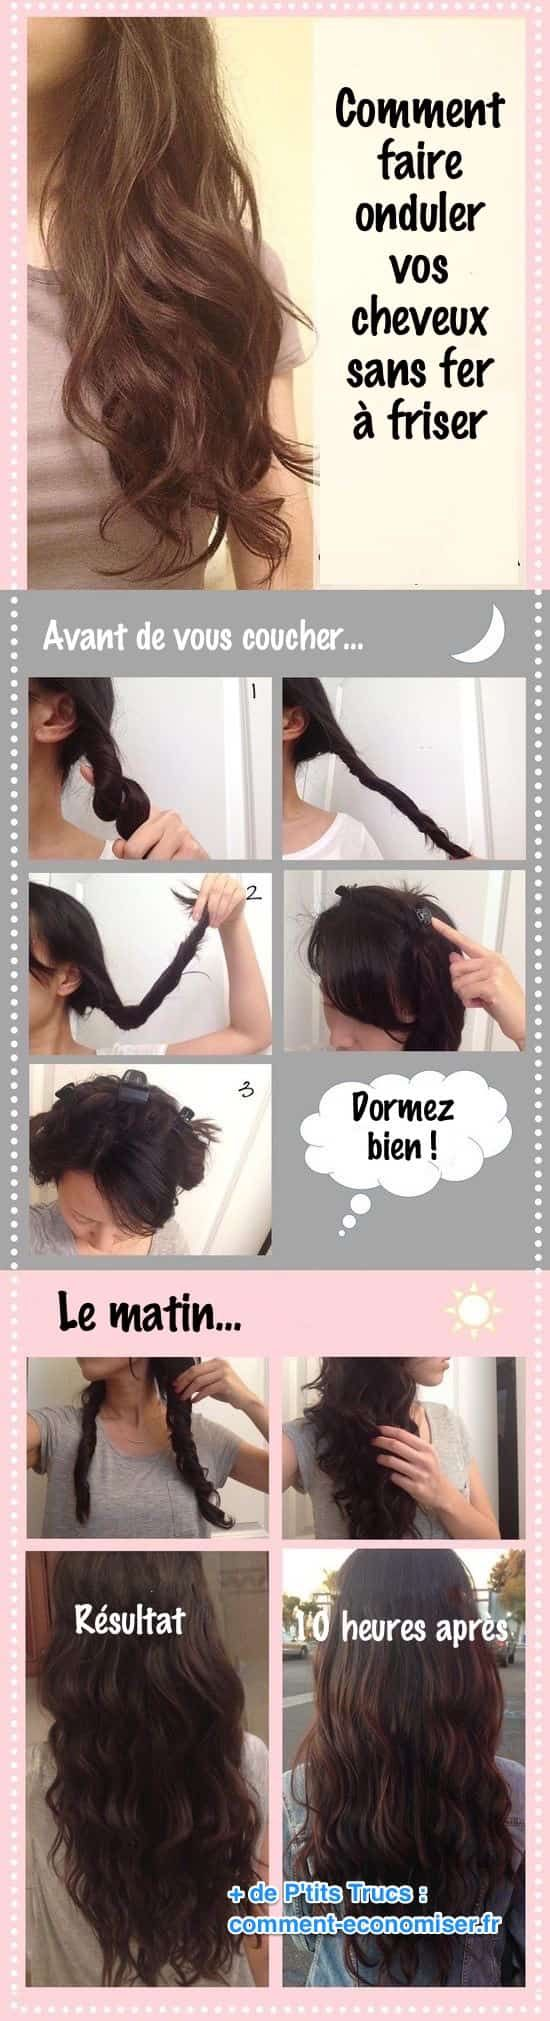 faites onduler vos cheveux sans fer à friser en faisant des tressese et des torsades